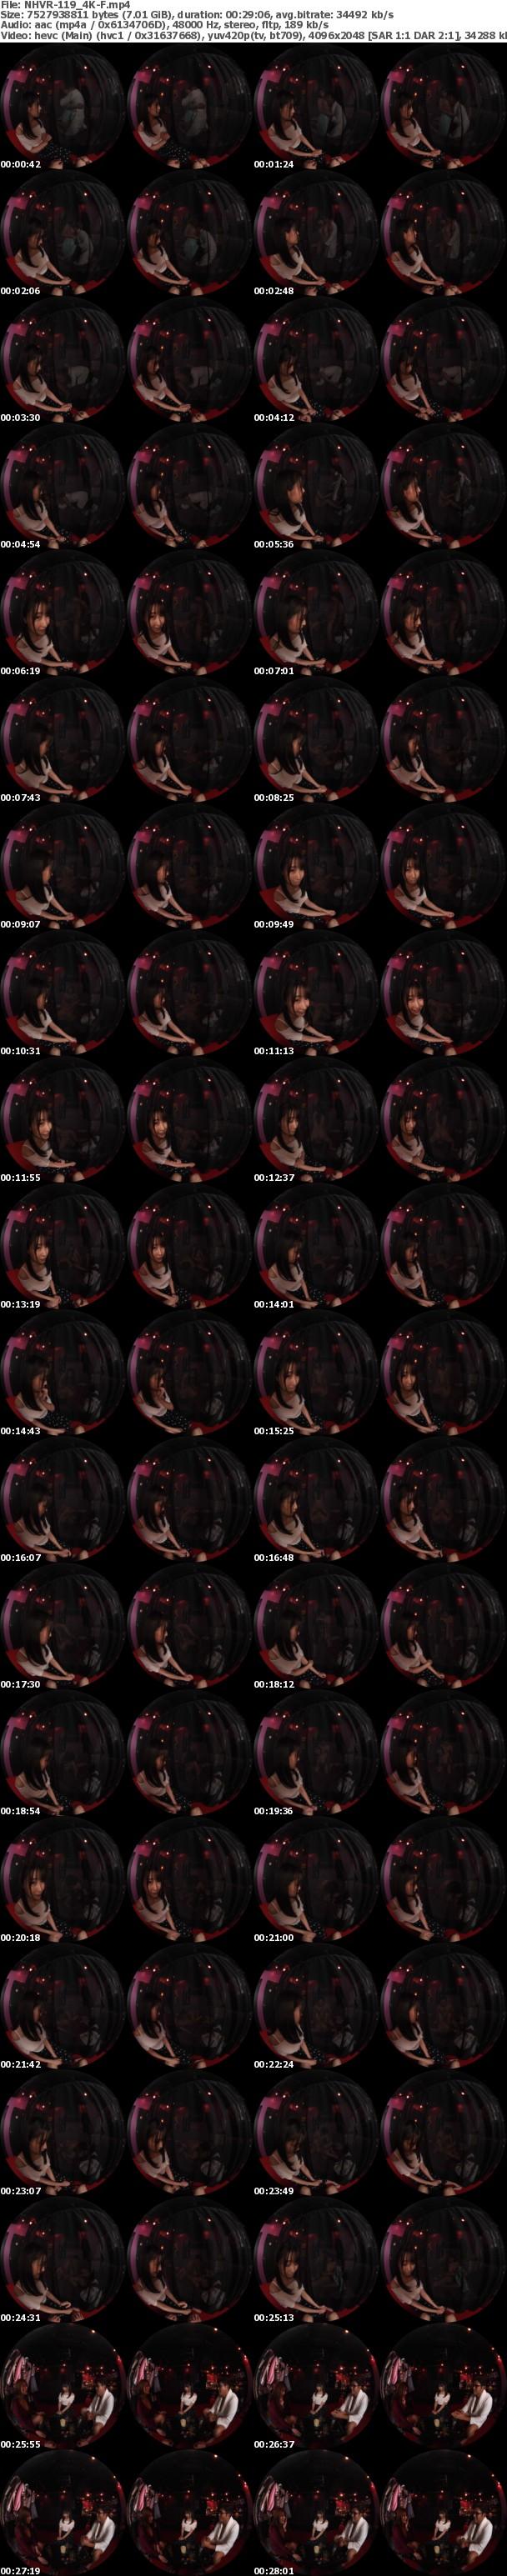 NHVR-119_4K-F-screenshot.jpg